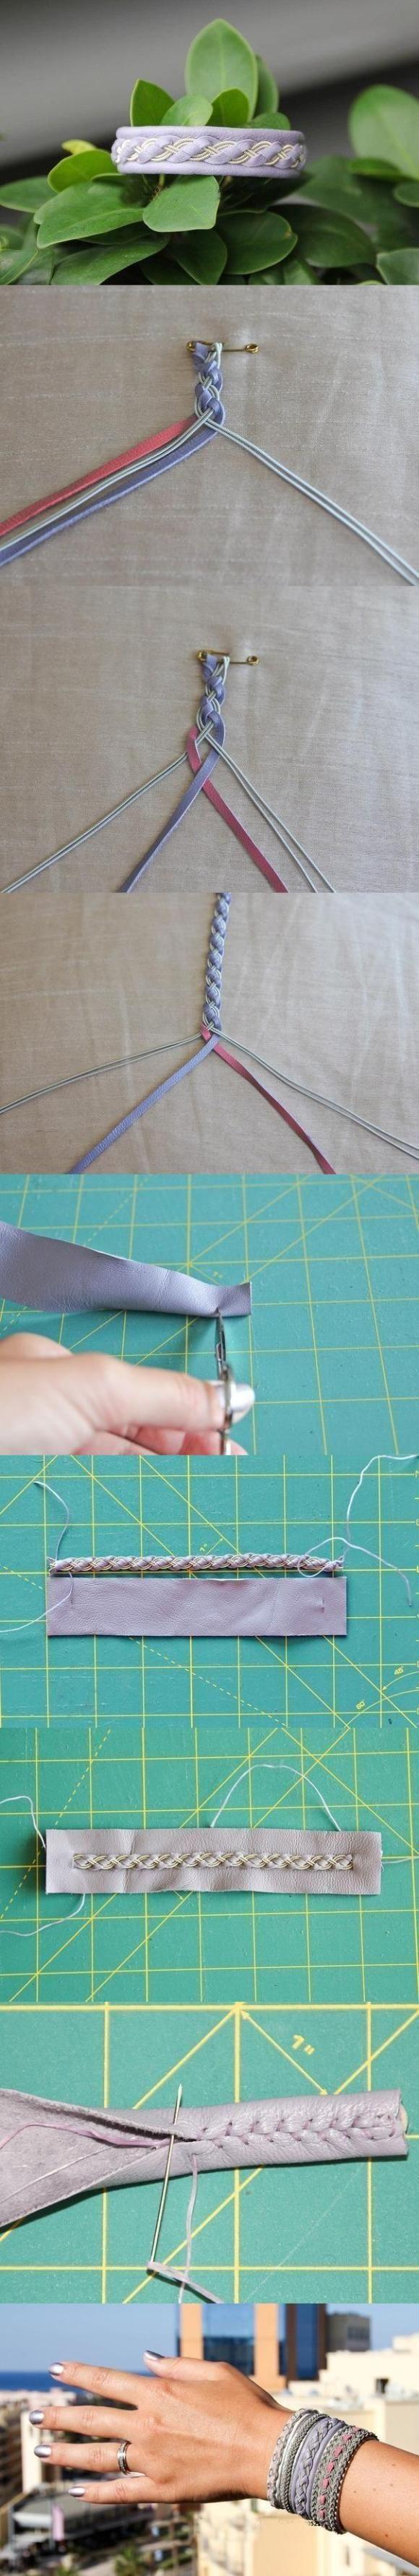 Realizza un braccialetto intrecciato | #diy #tutorial #comefare